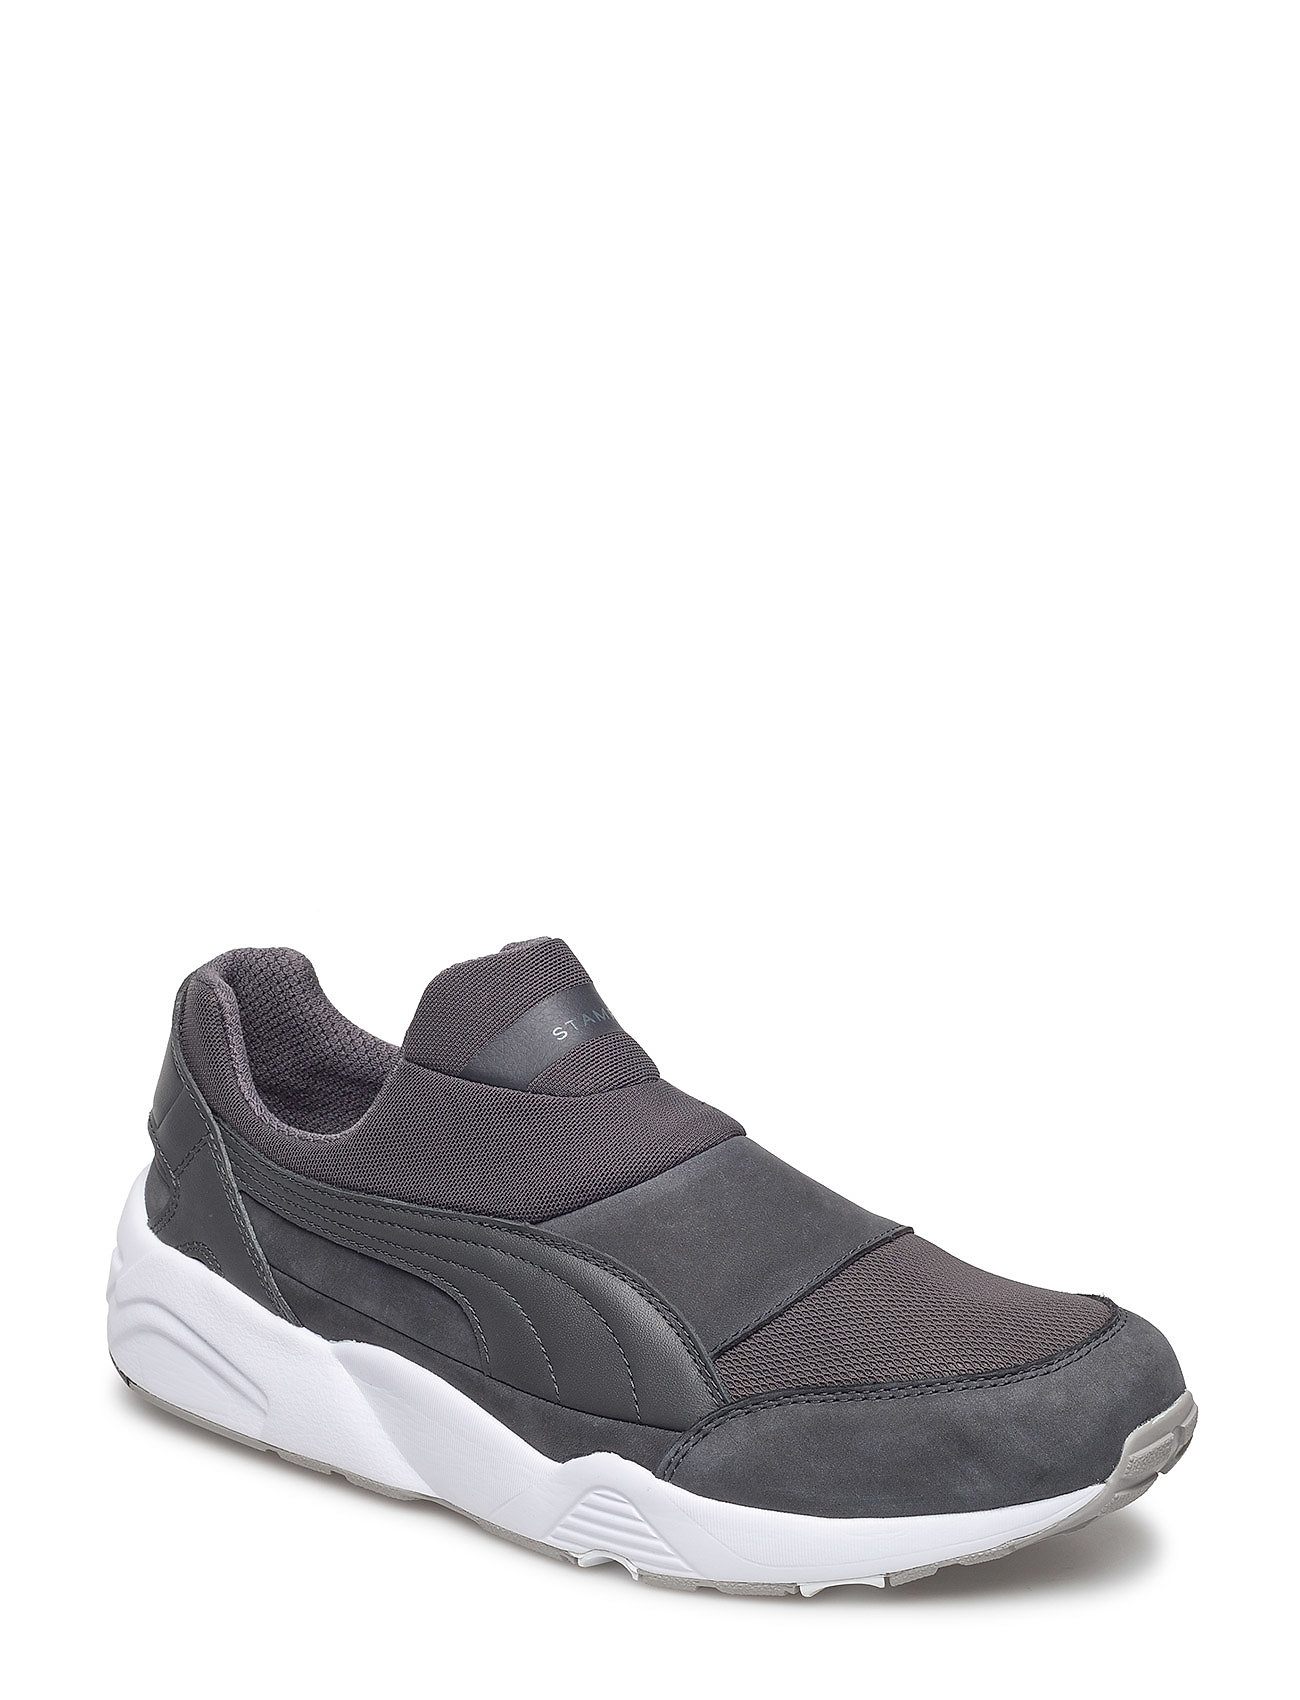 9ca95ddc708a Trinomic Sock Nm X Stampd (Asphalt-puma Black) (£65.45) - PUMA ...